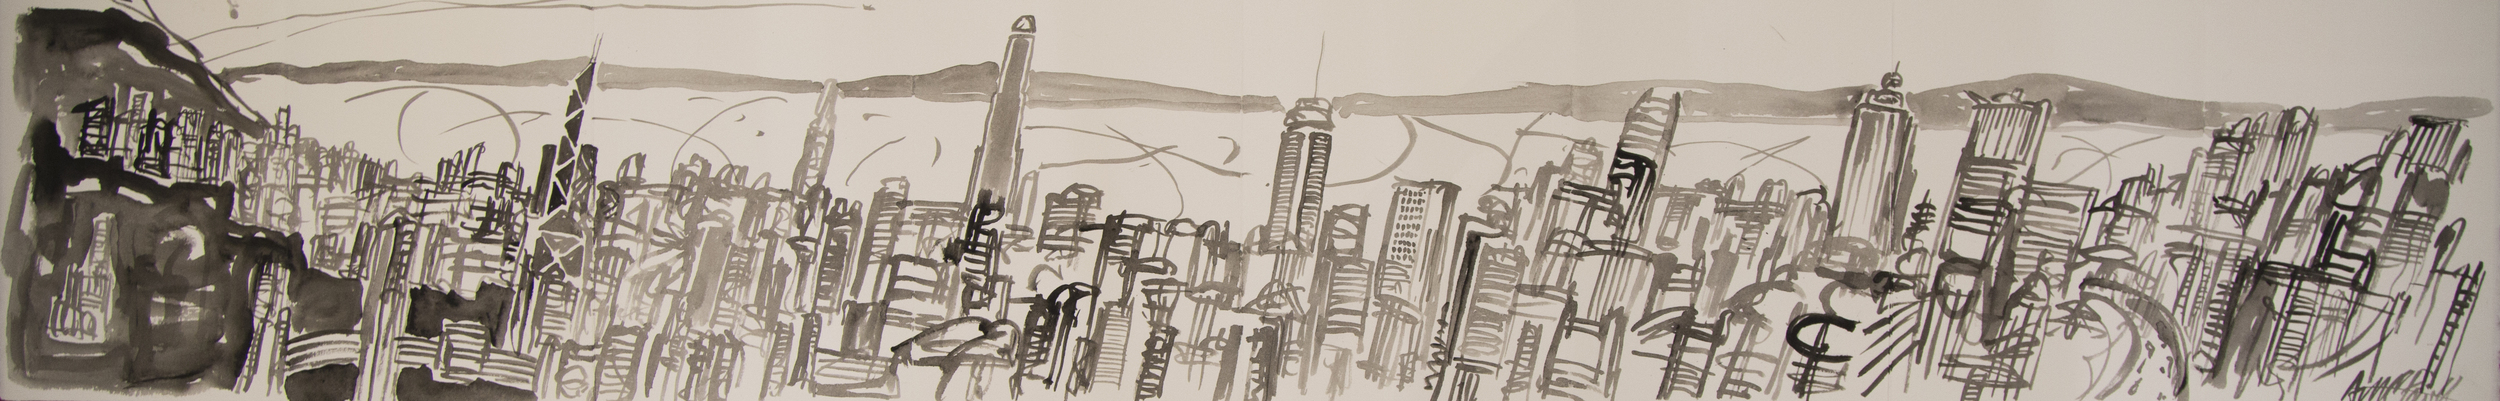 Panorama sketchbook #5